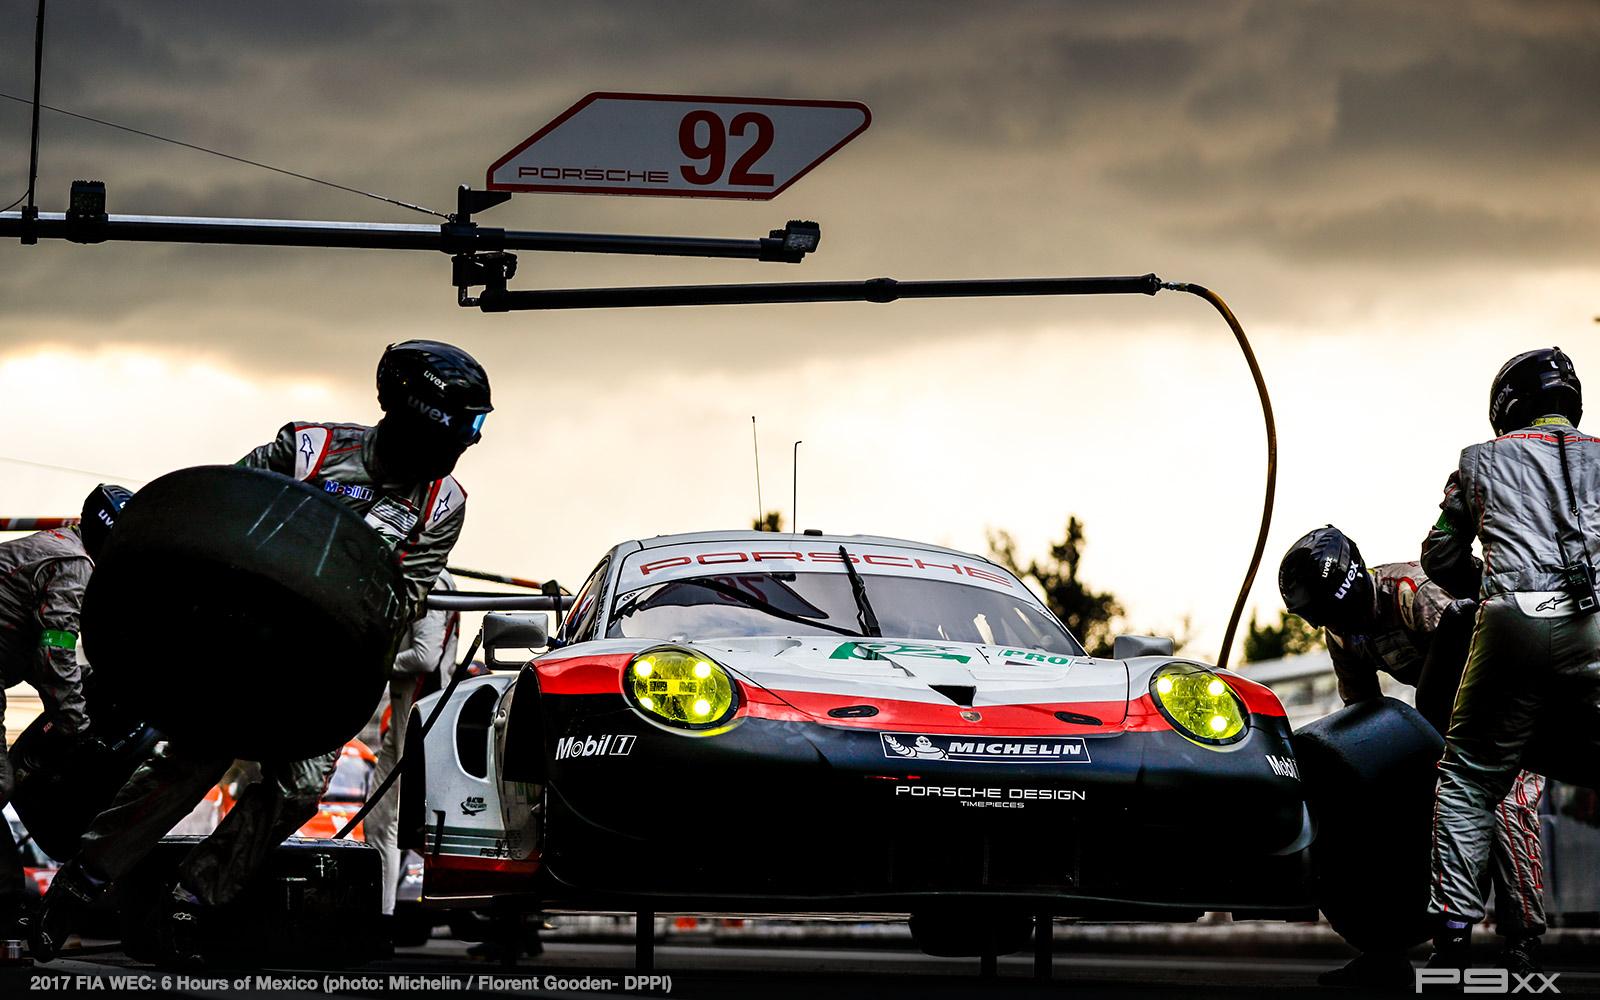 2017-FIA-WEC-6-HOURS-MEXICO-PORSCHE-exico_02117008__GOO37591216